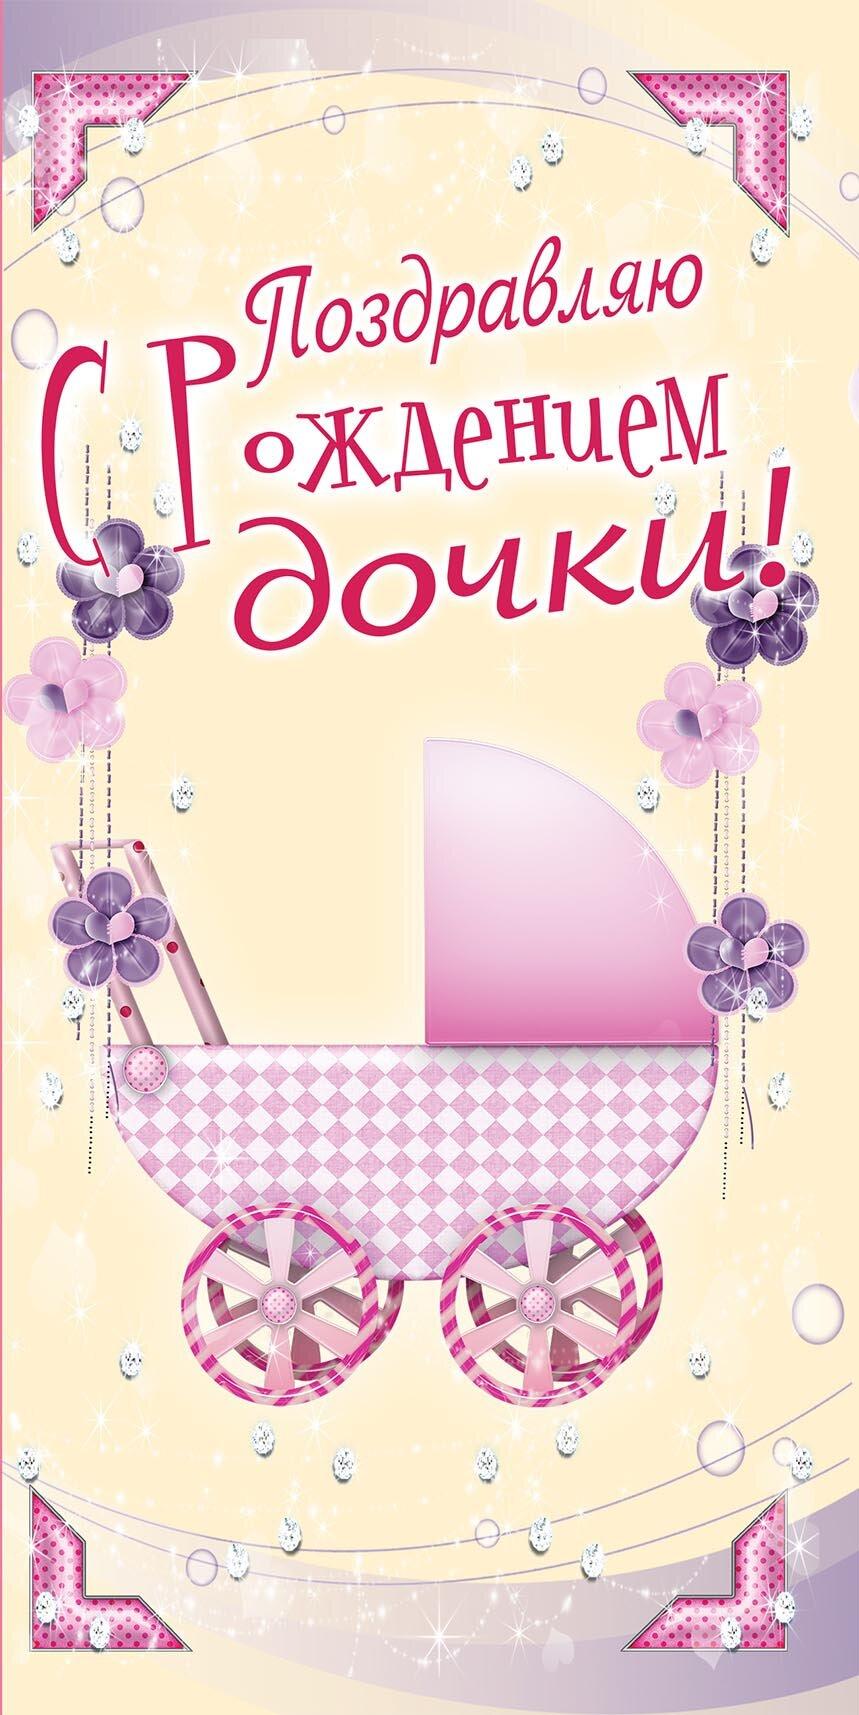 открытка поздравляю с рождением доченьки дочери